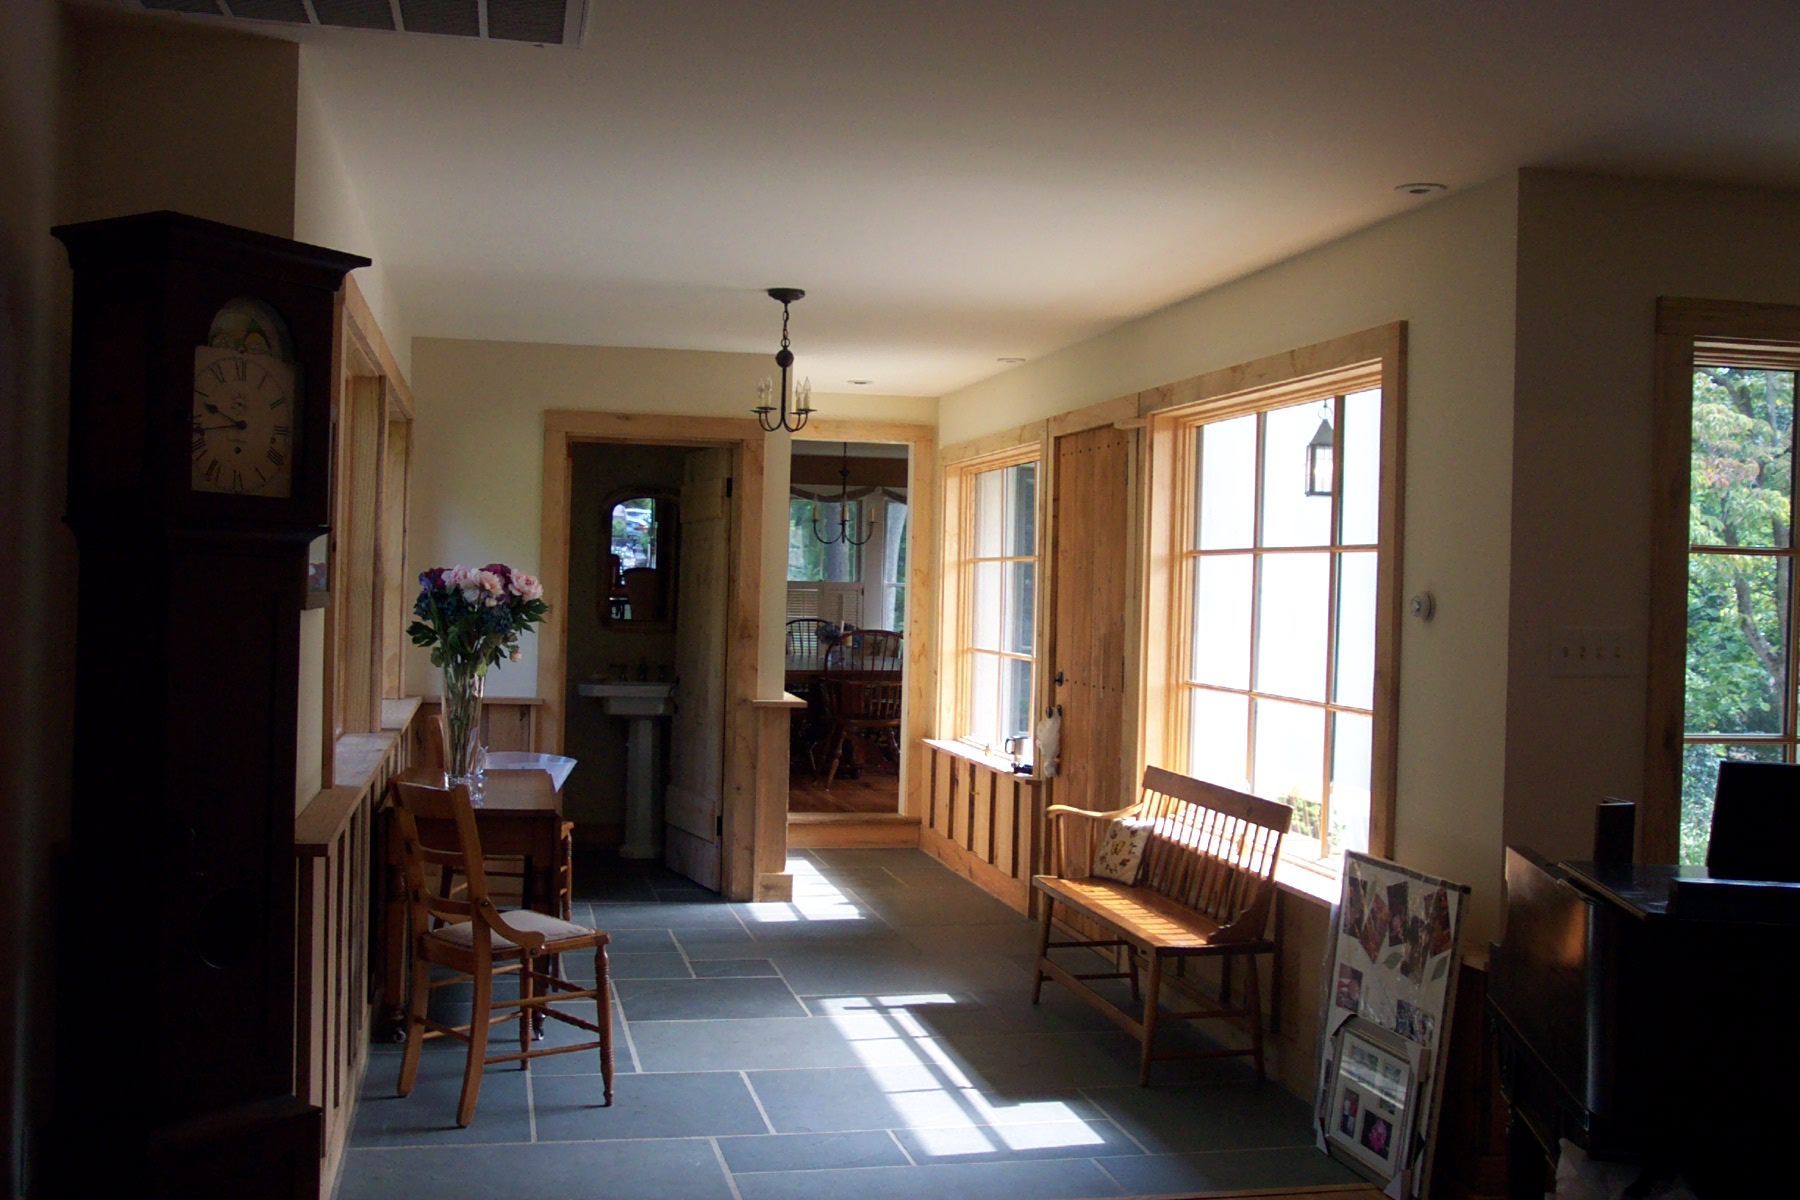 Wahl - Entry Foyer.jpg